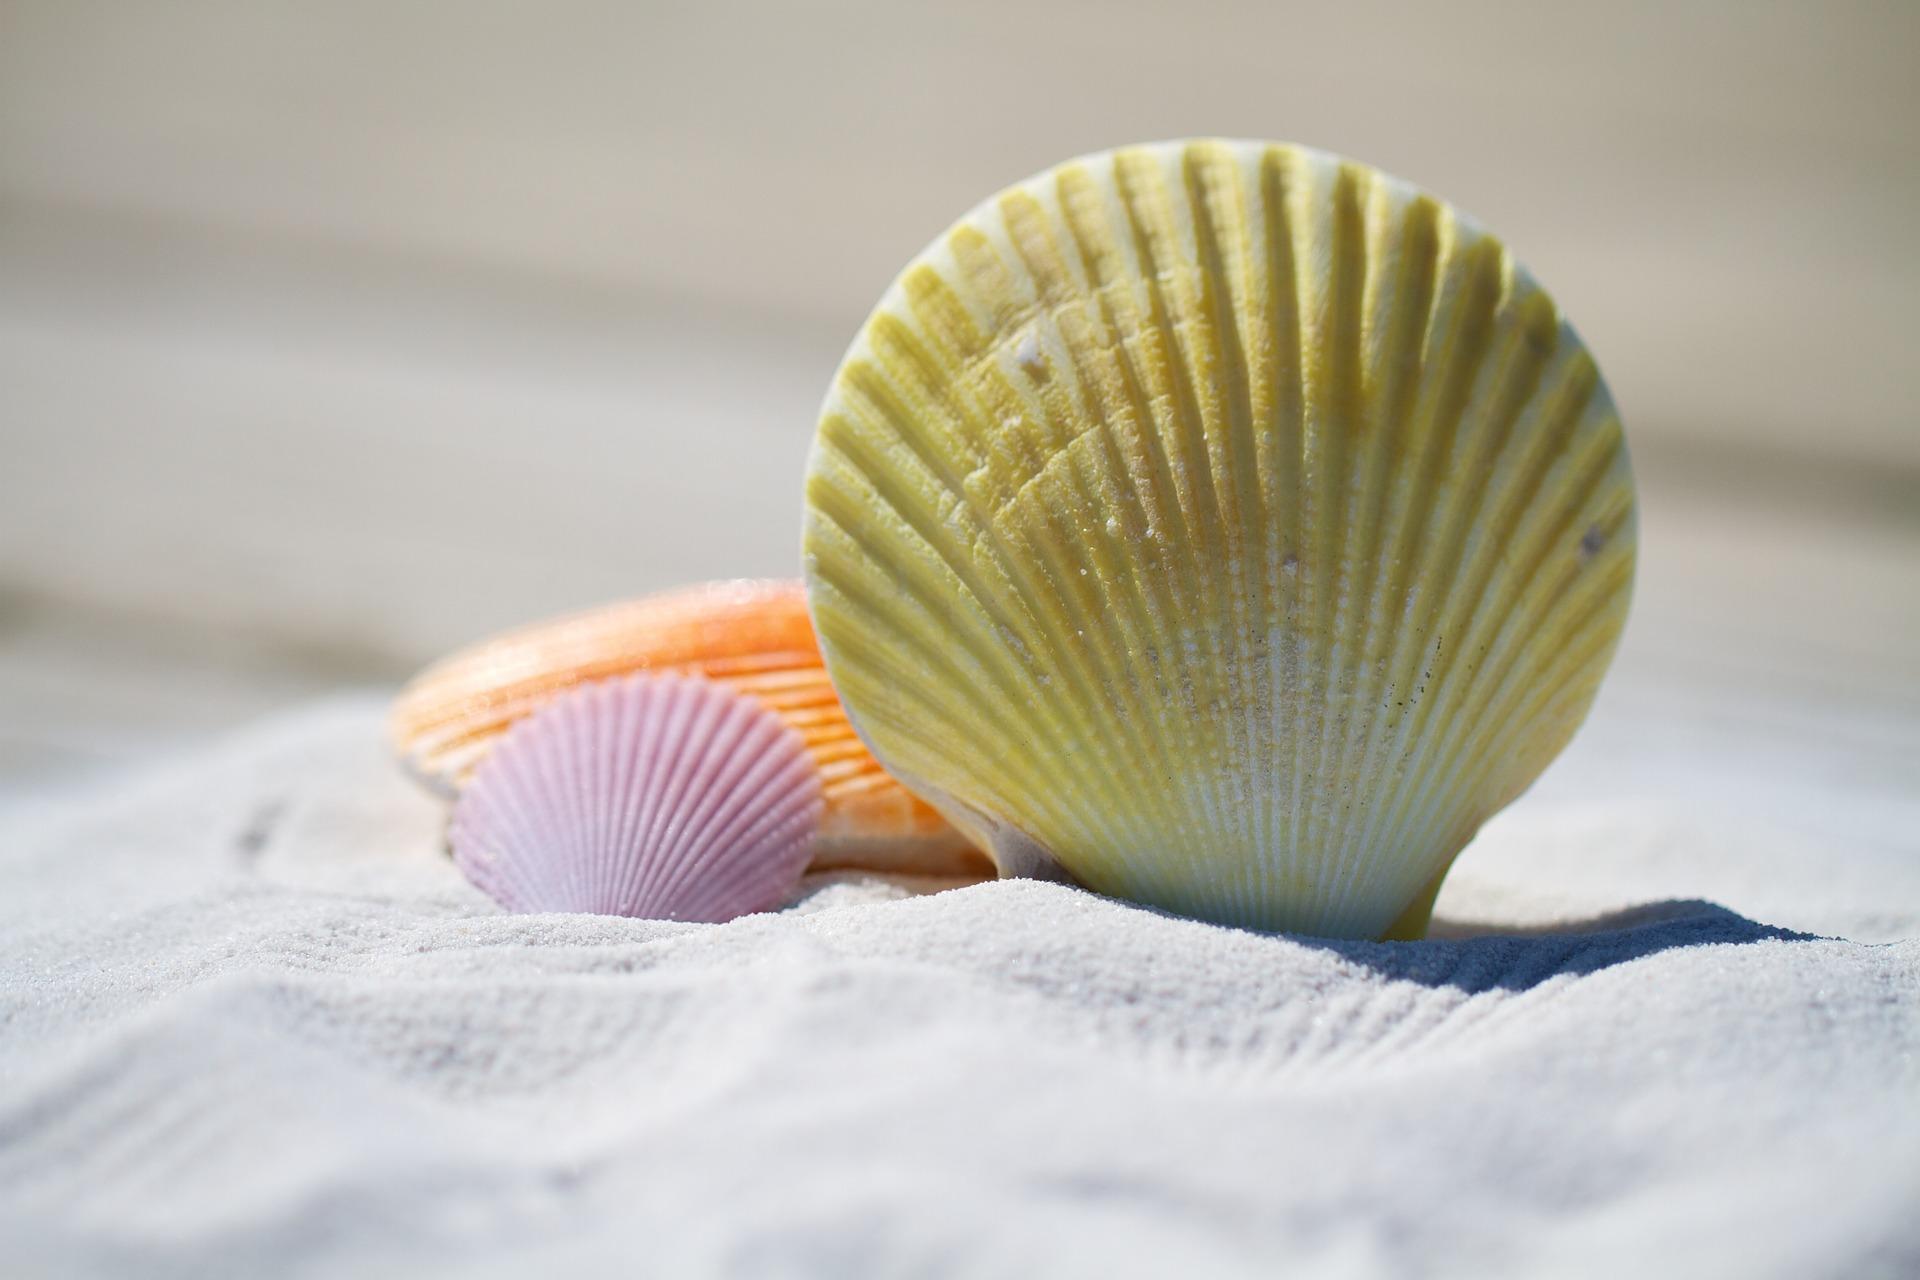 Κοχύλια, Άμμος, Παραλία, μύδια, χρώματα - Wallpapers HD - Professor-falken.com